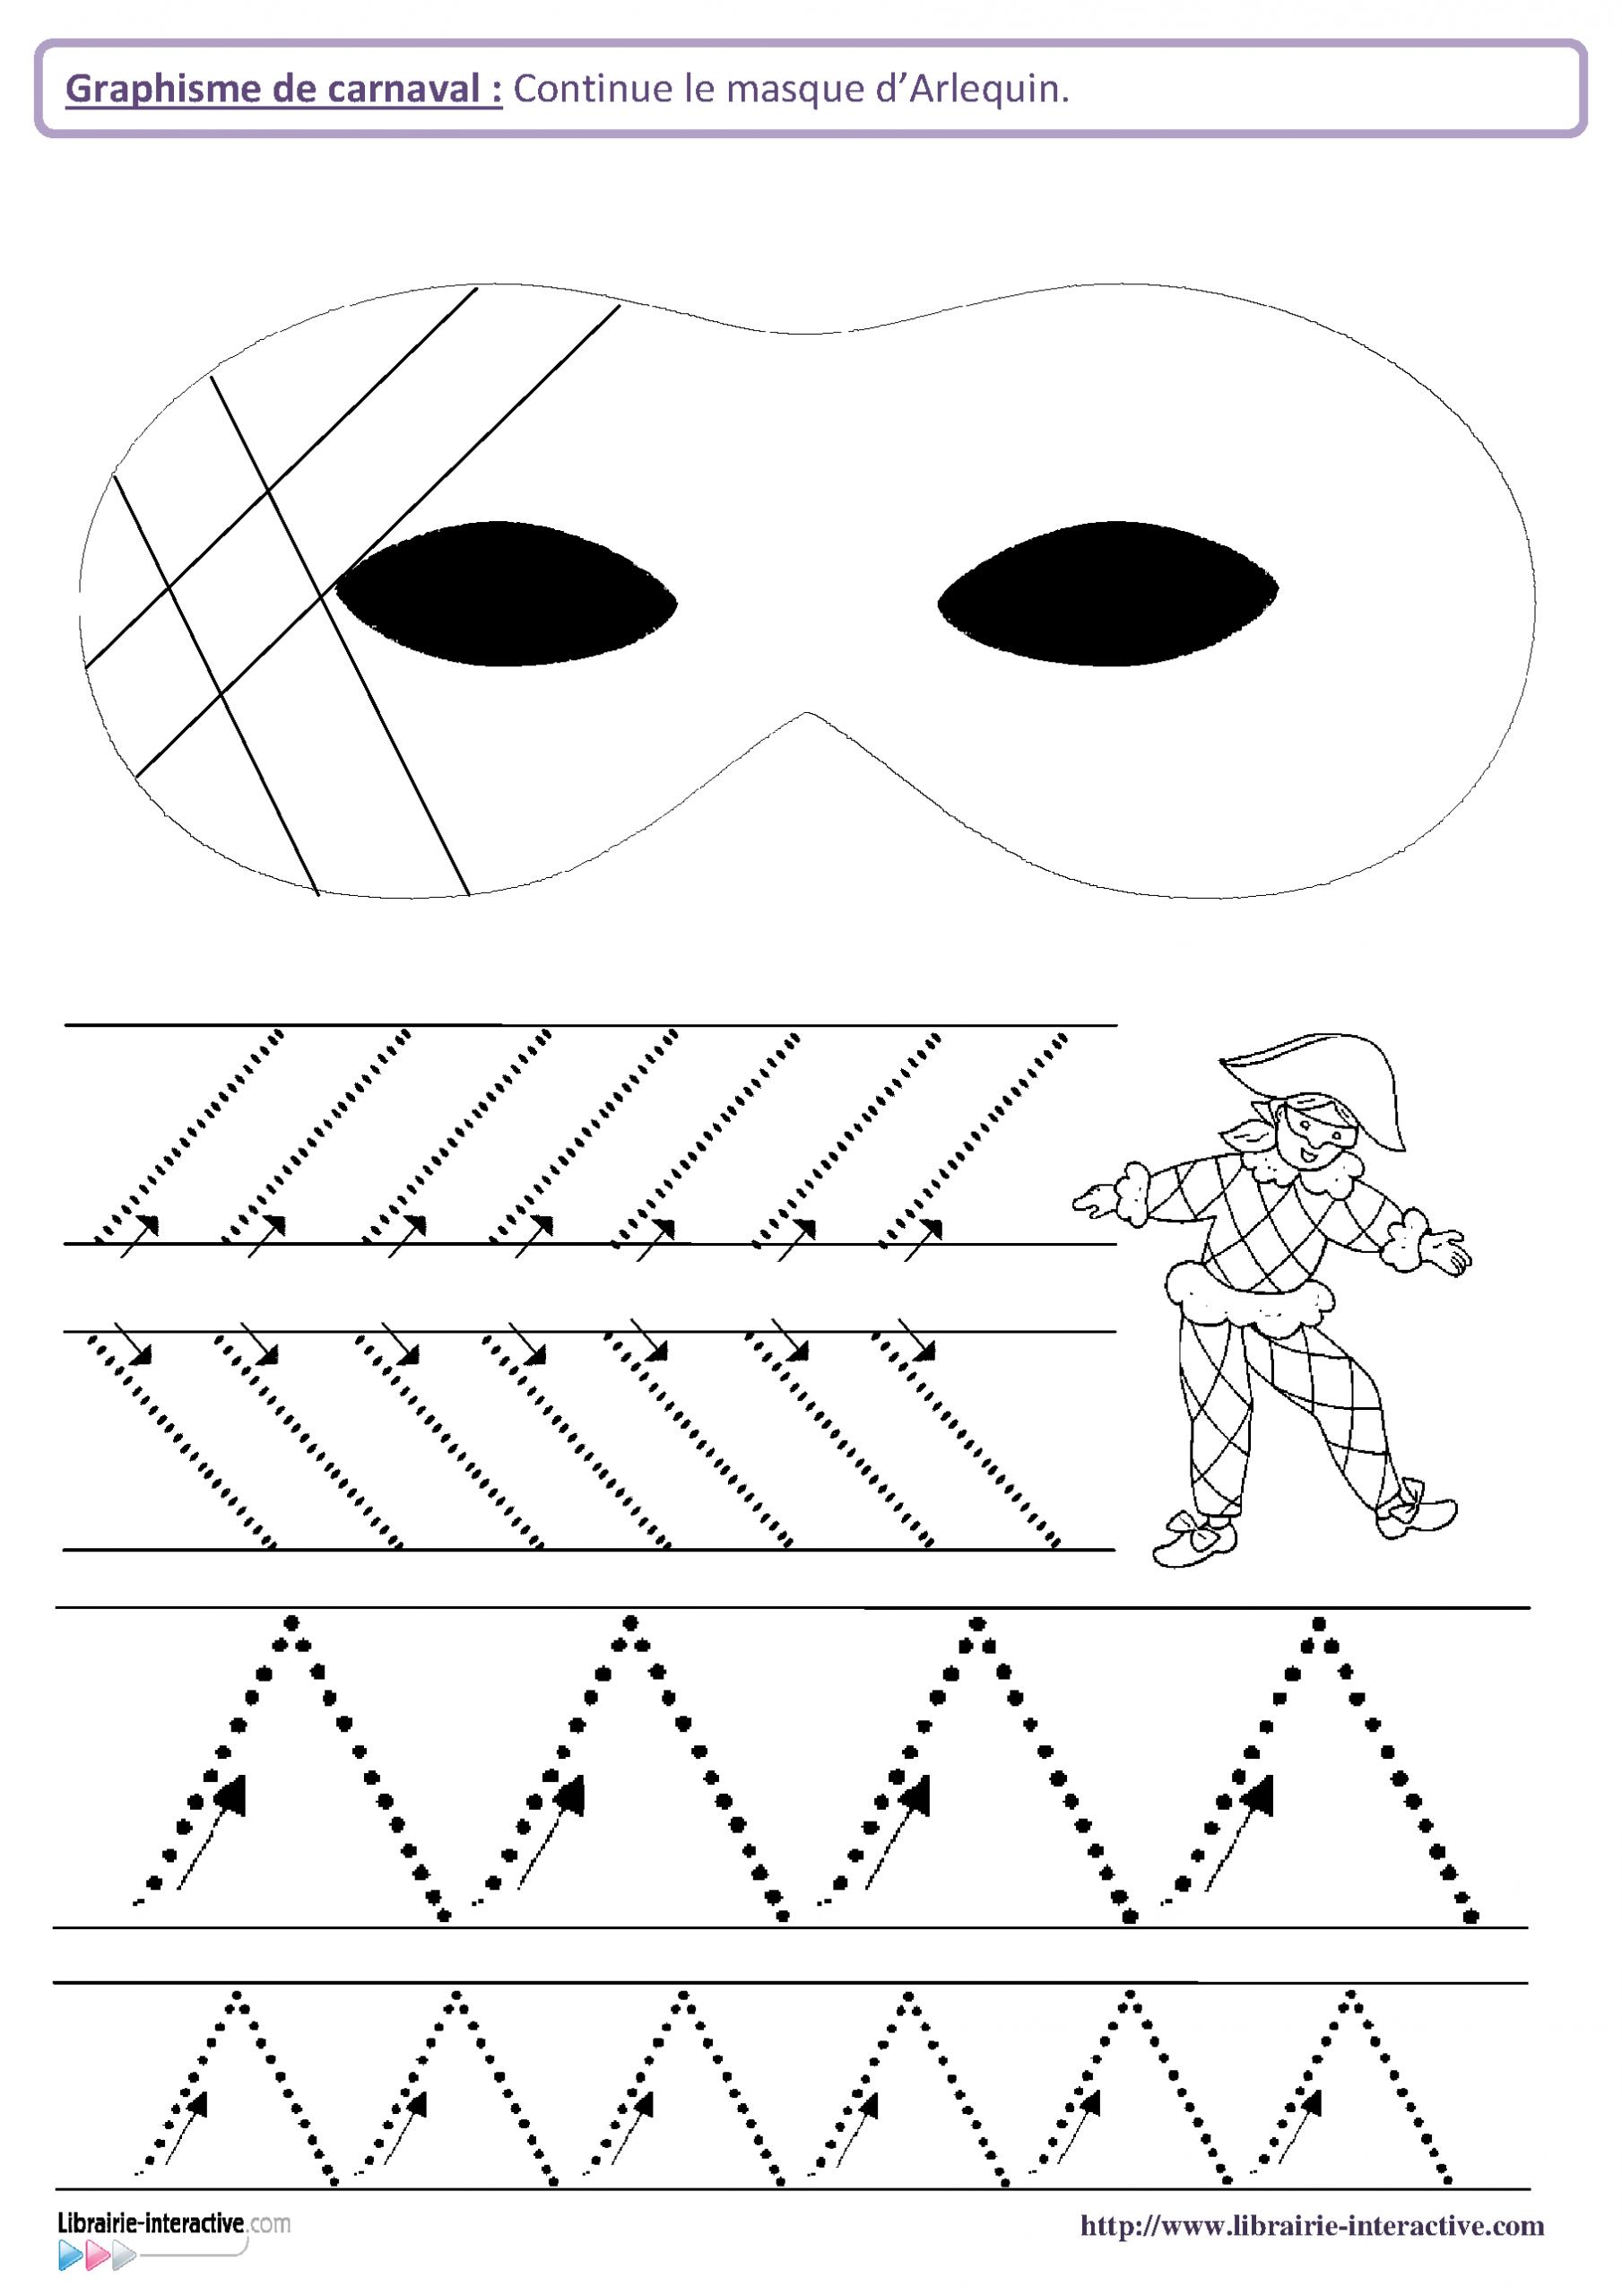 12 Fiches De Graphisme Sur Le Th Me De Carnaval, Pour Les intérieur Exercice De Graphisme Petite Section A Imprimer